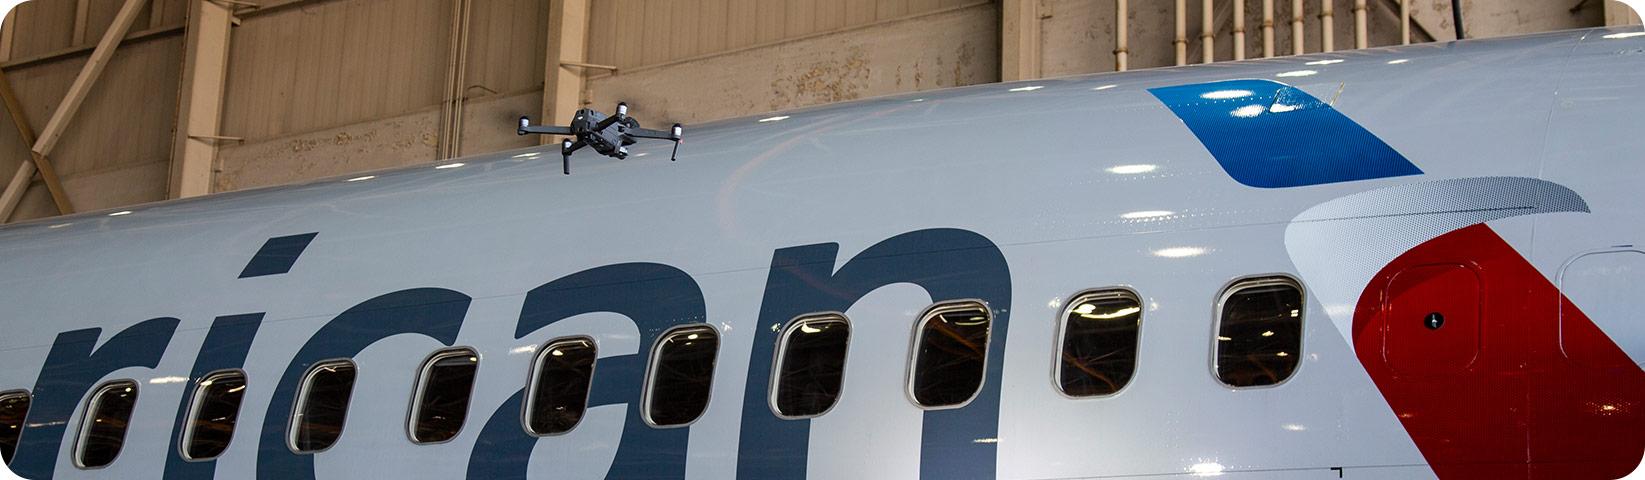 کاربرد های کوادکوپتر در صنعت هواپیمایی